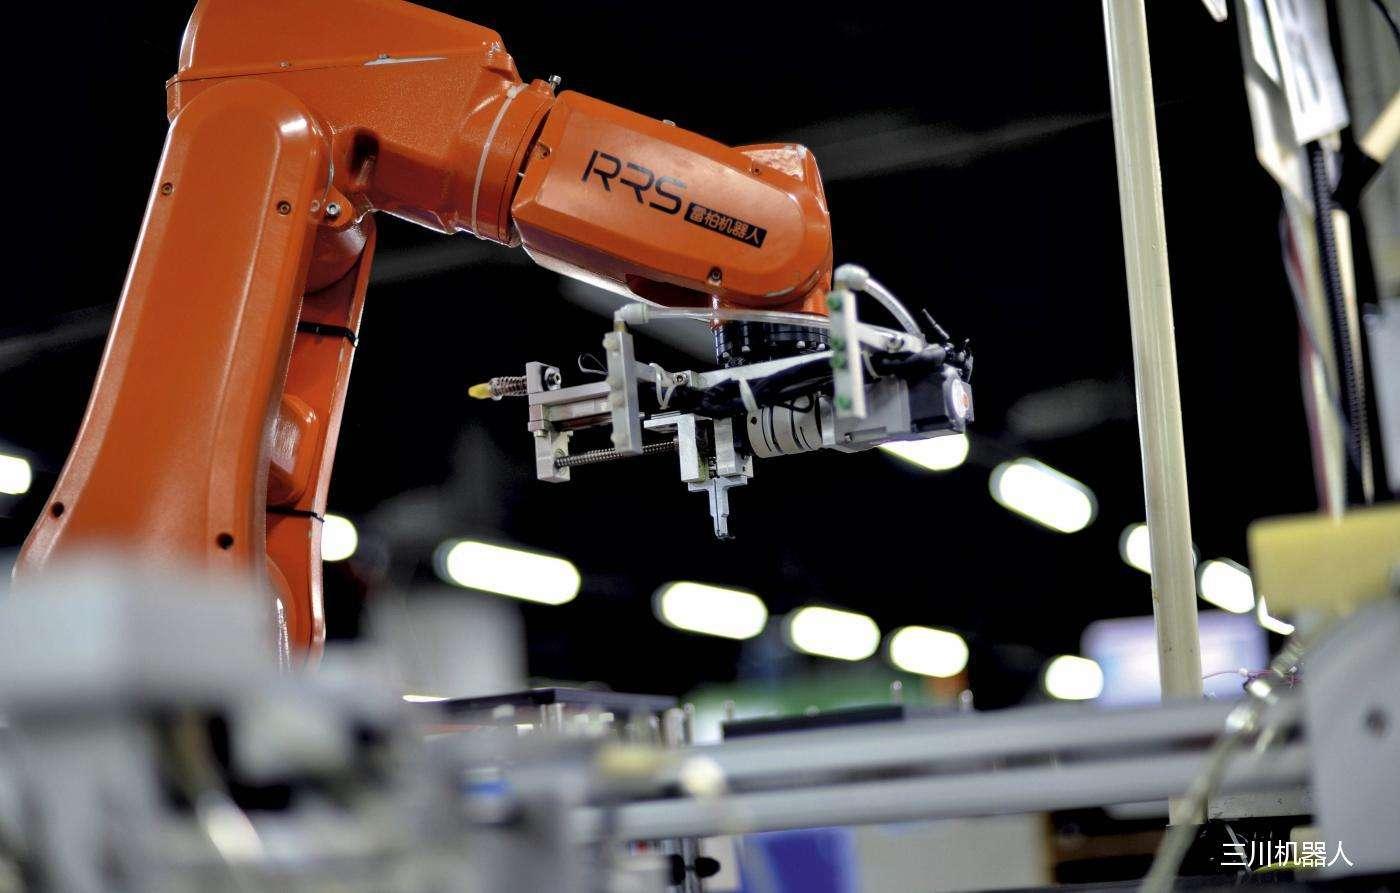 国产工业机器人逐步进入对精度要求更高的领域